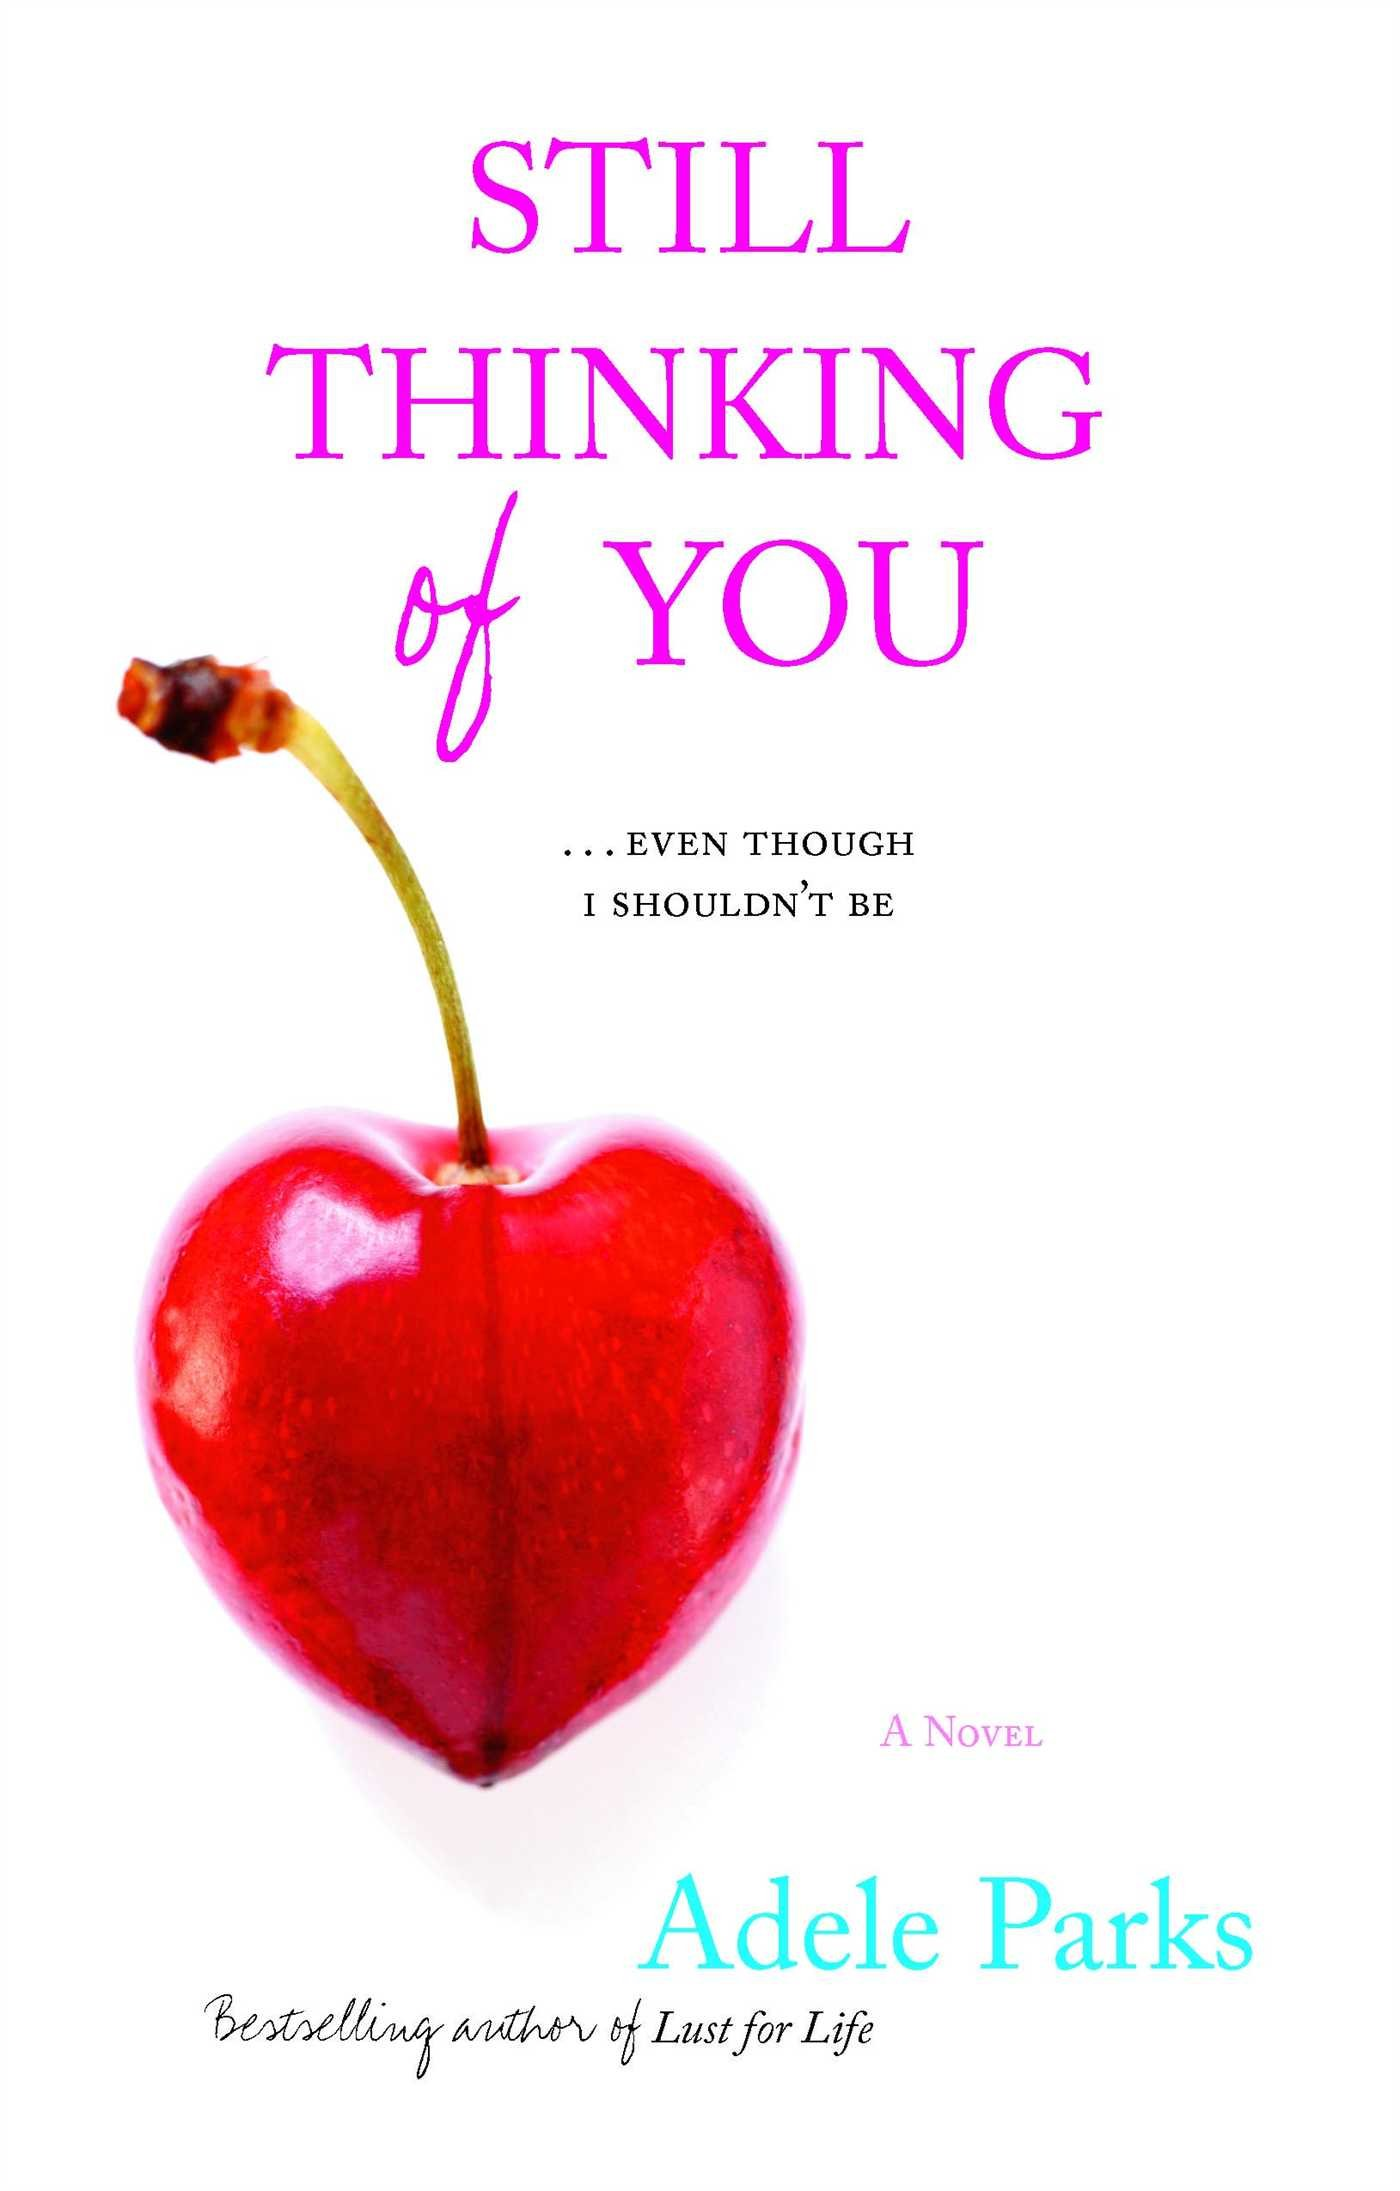 Still Thinking Of You Adele Parks 9780743496506 Amazoncom Books